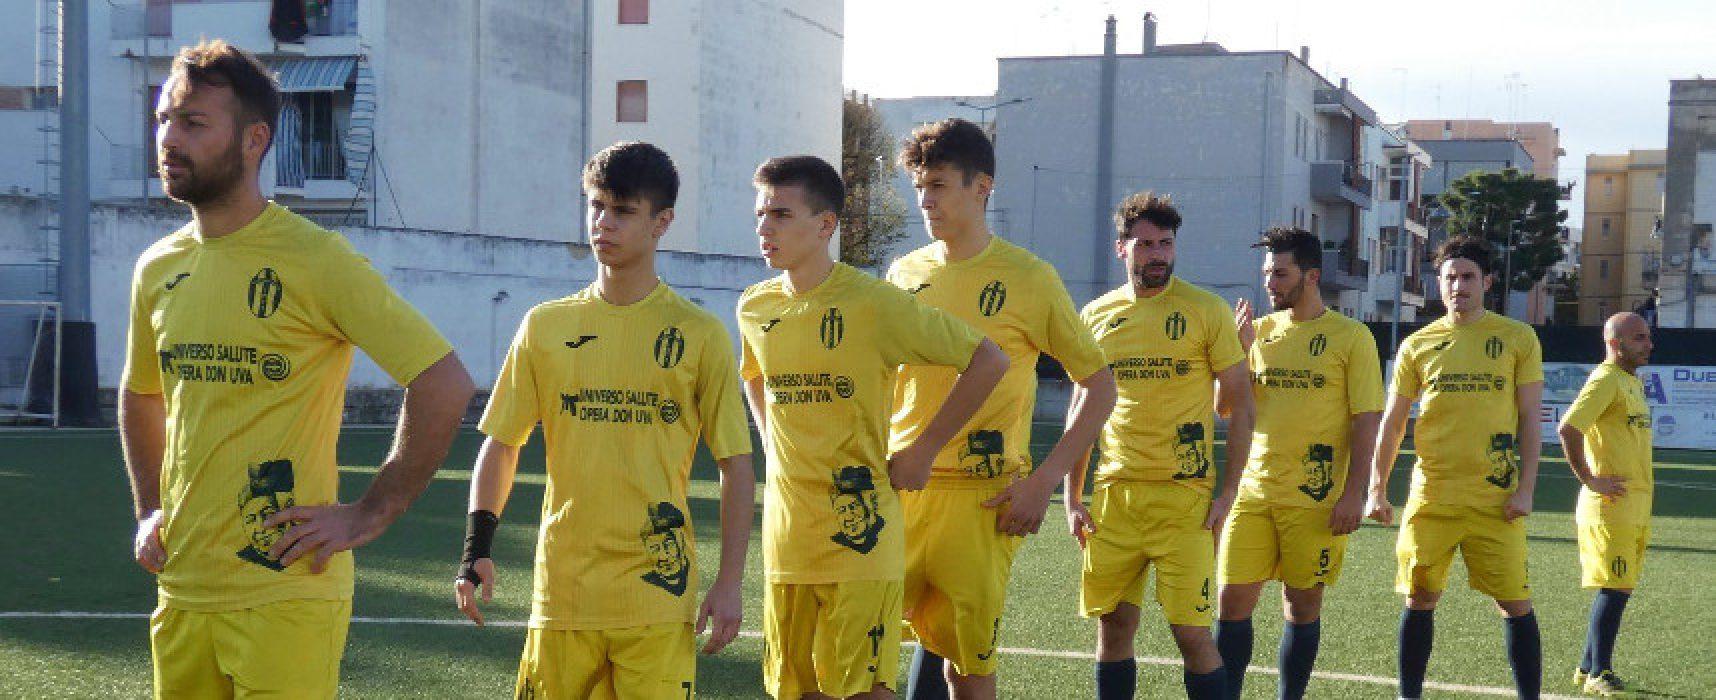 Don Uva, il nuovo anno comincia contro lo Sporting Apricena